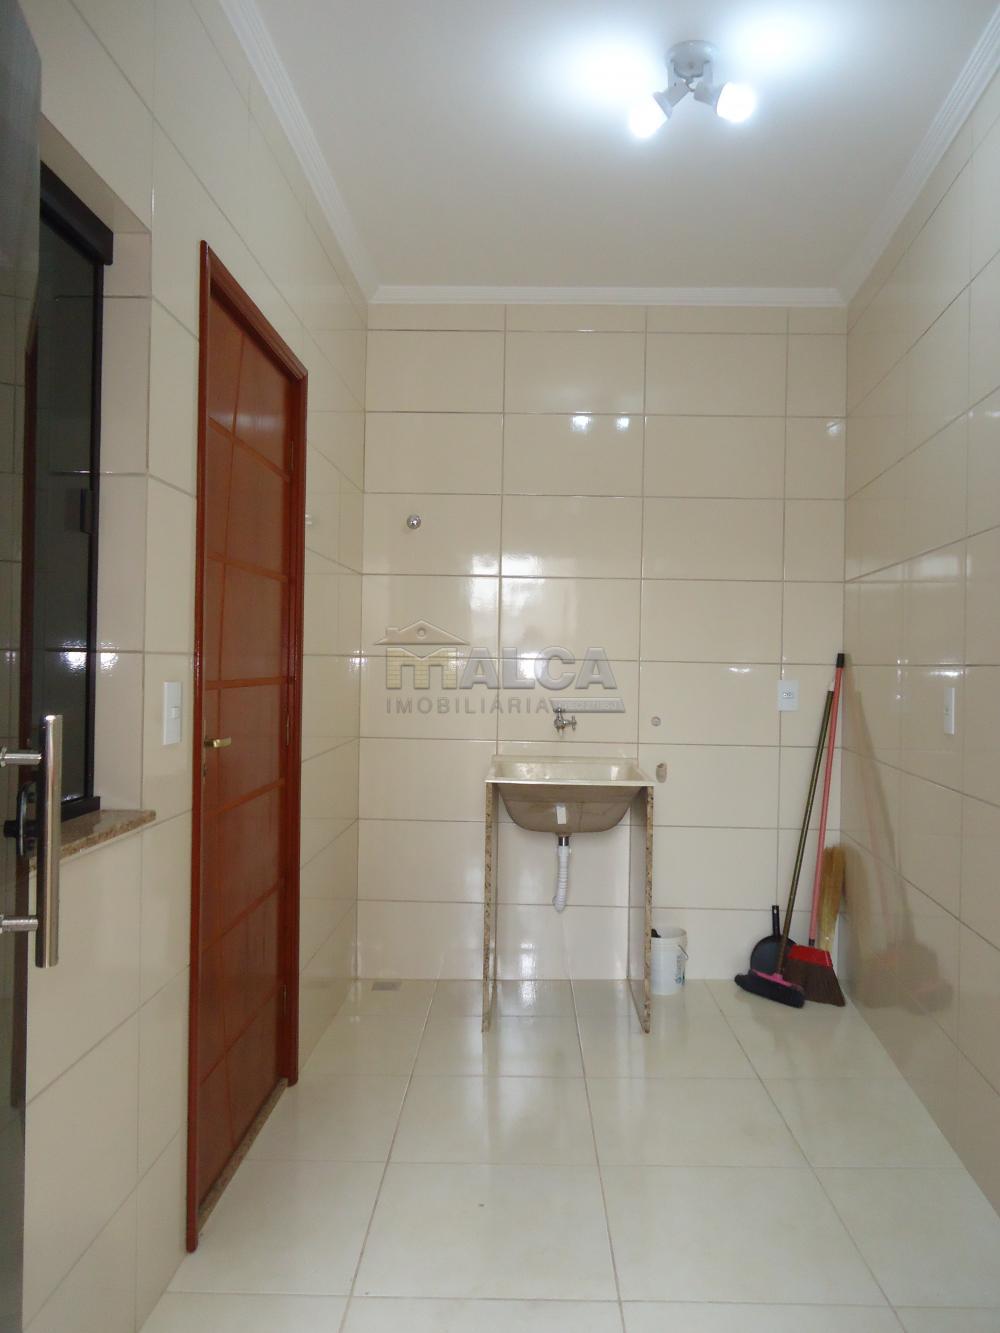 Alugar Comerciais / Salas em São José do Rio Pardo apenas R$ 700,00 - Foto 57